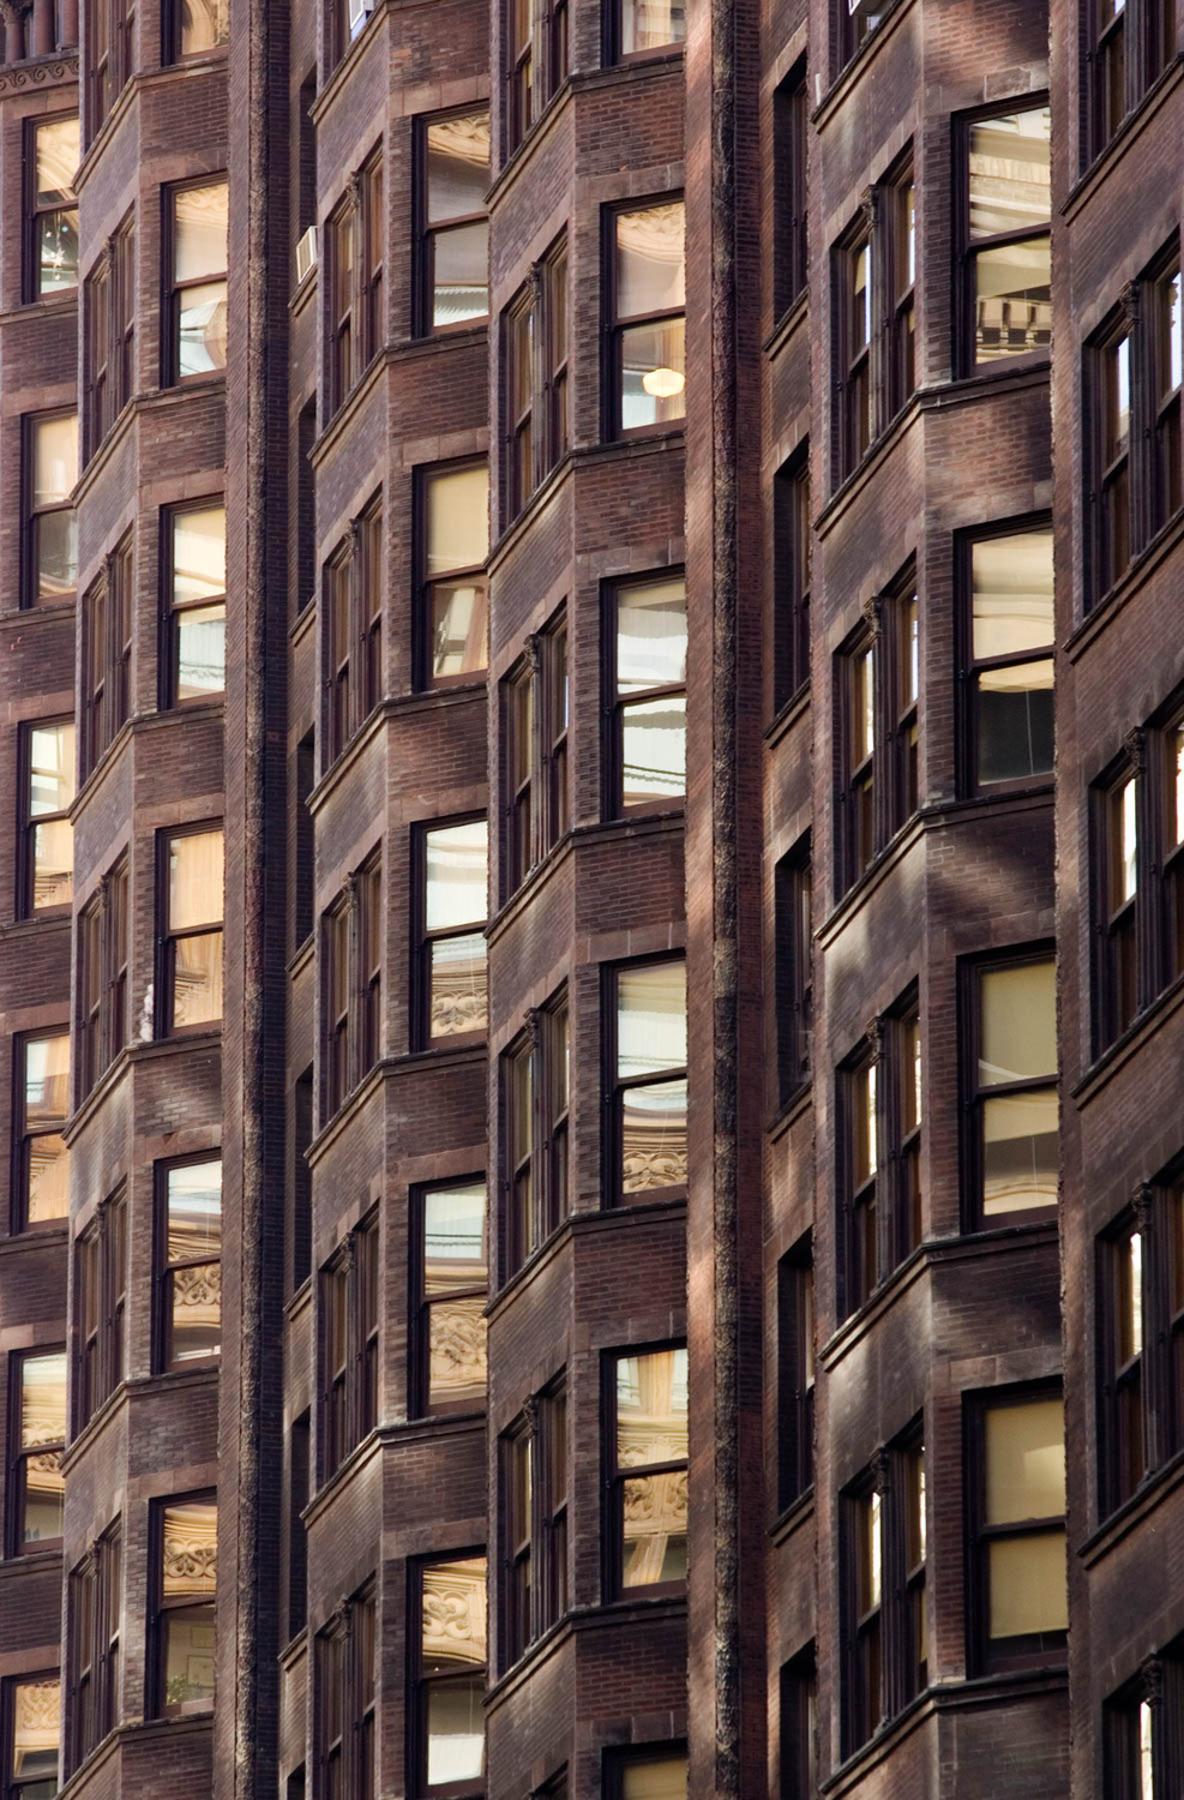 Monandnock Building, Chicago